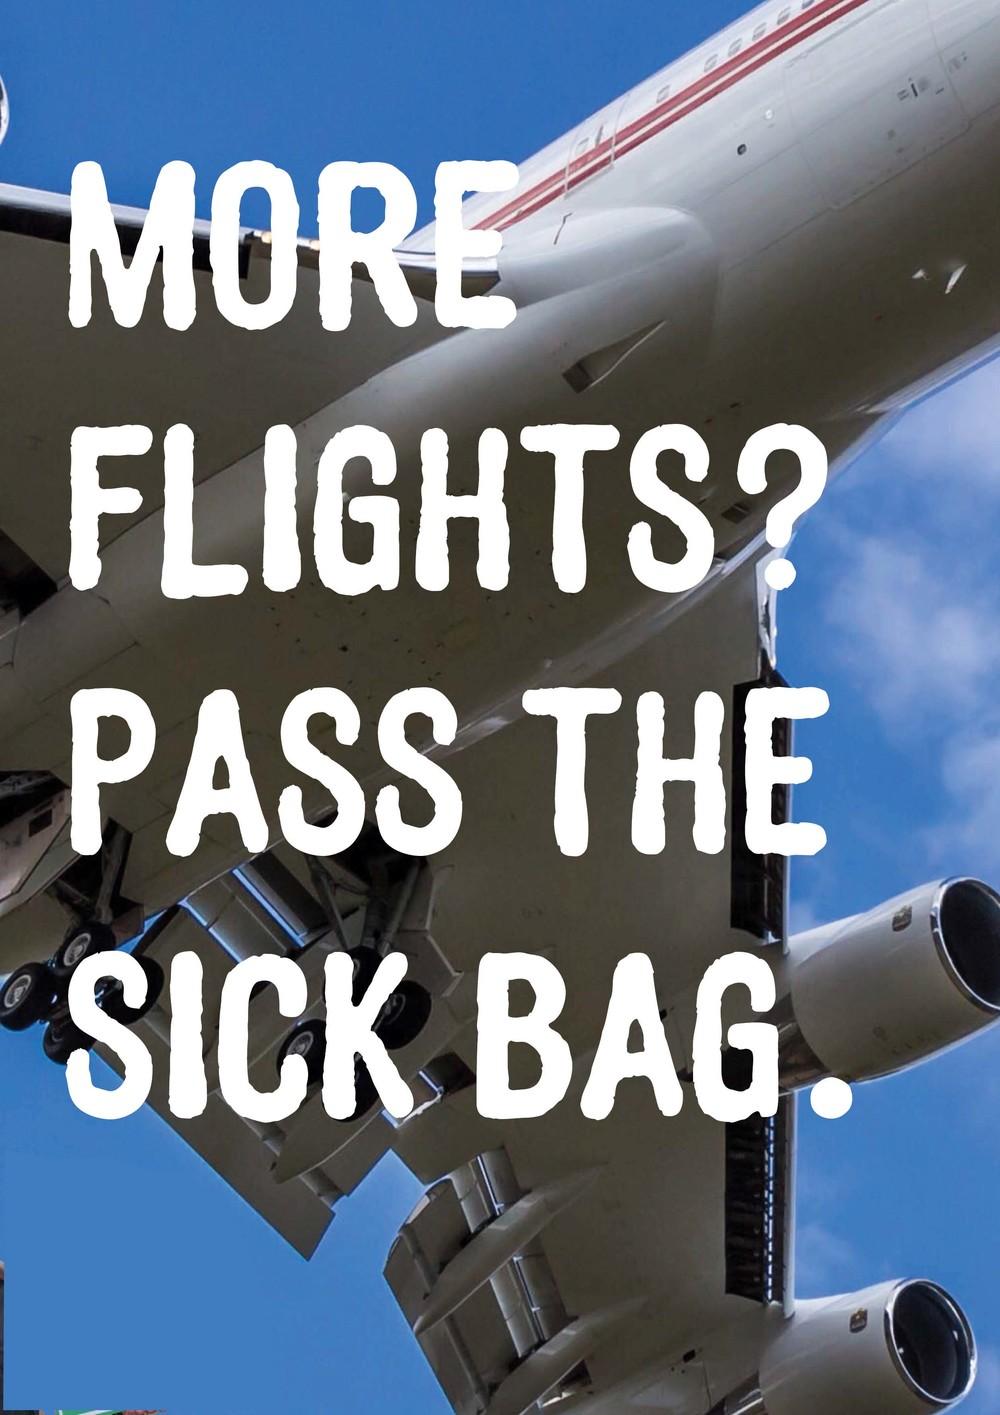 Sick bag.jpg